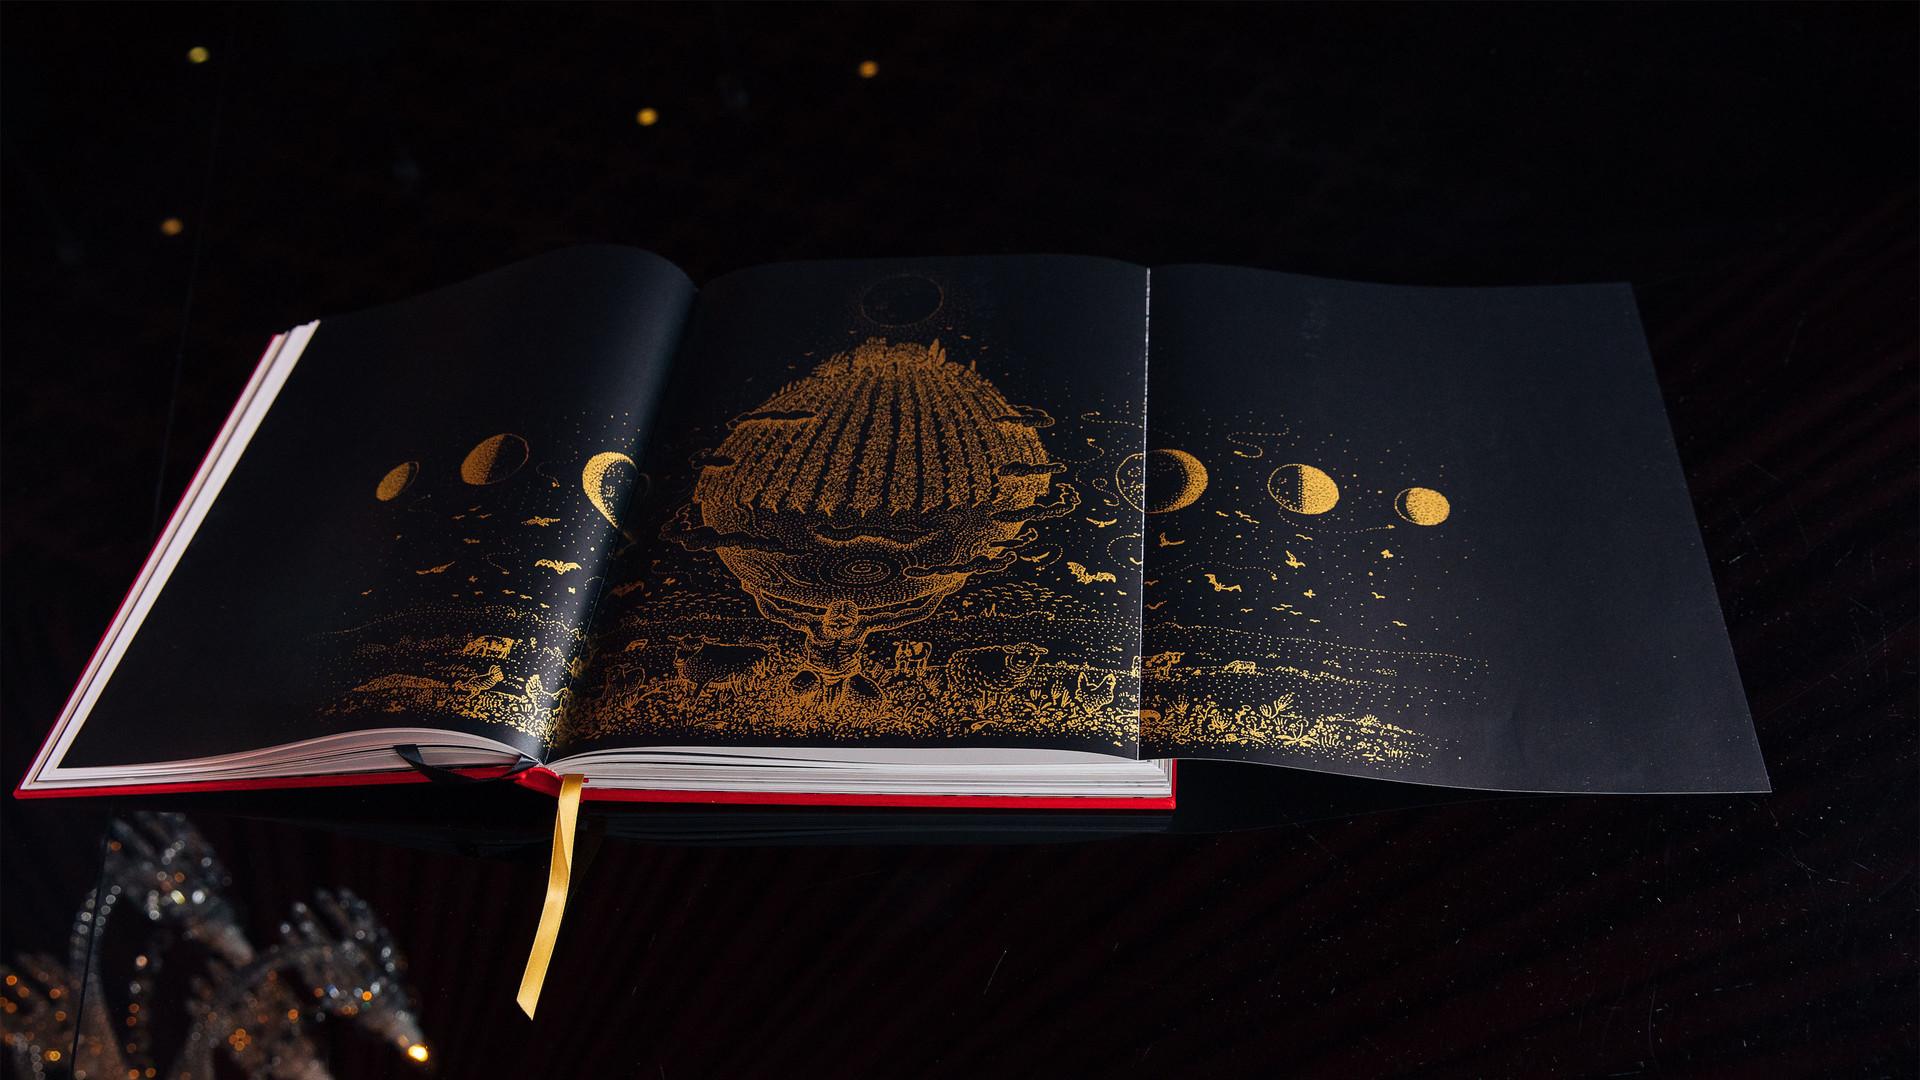 4K Gallery JCB Book_0001_15.jpg